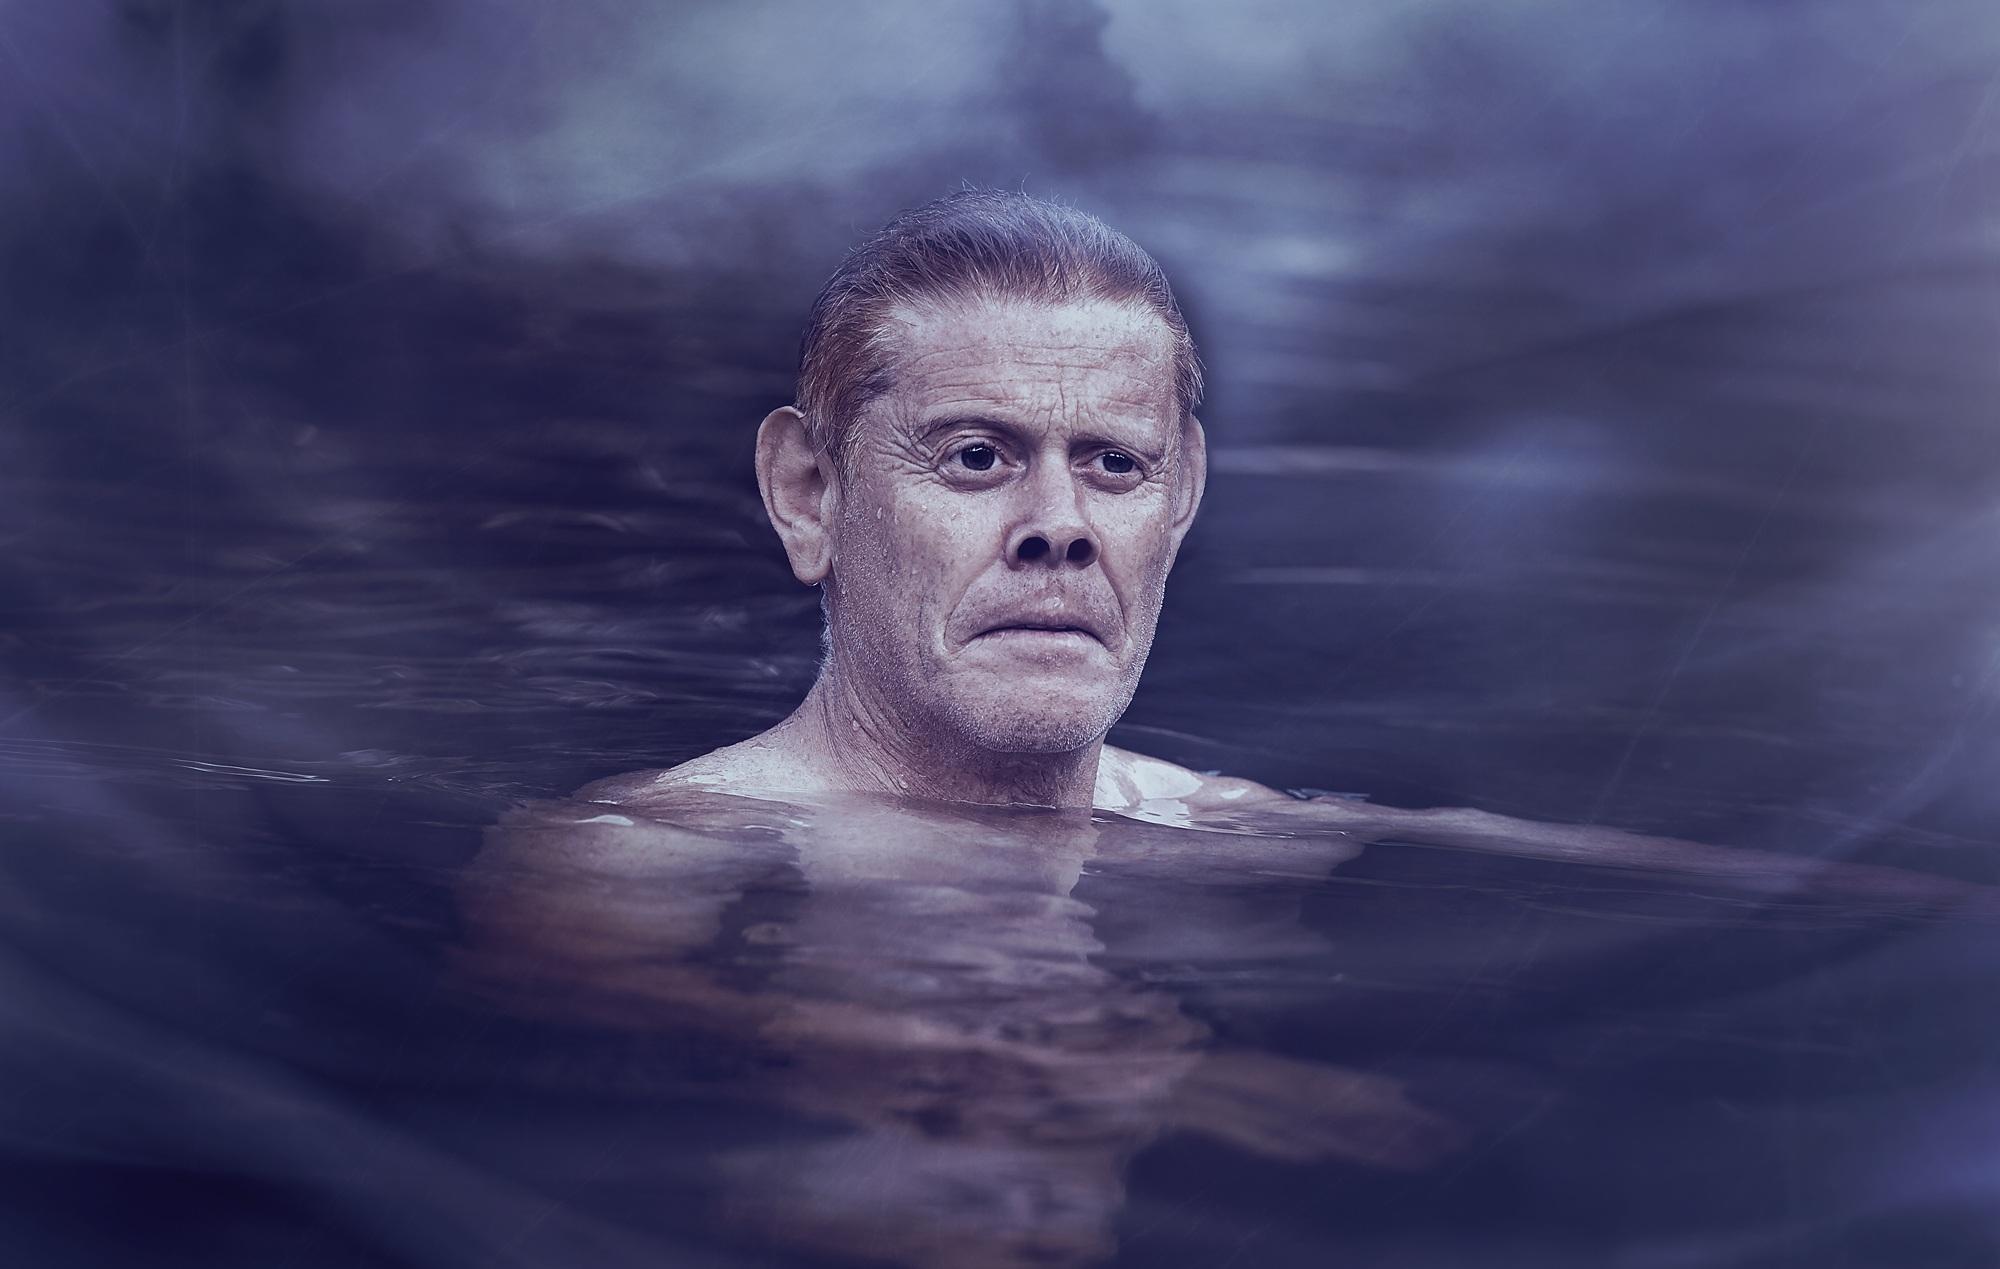 Gambar Air Orang Dingin Kabut Fotografi Basah Pria Berenang